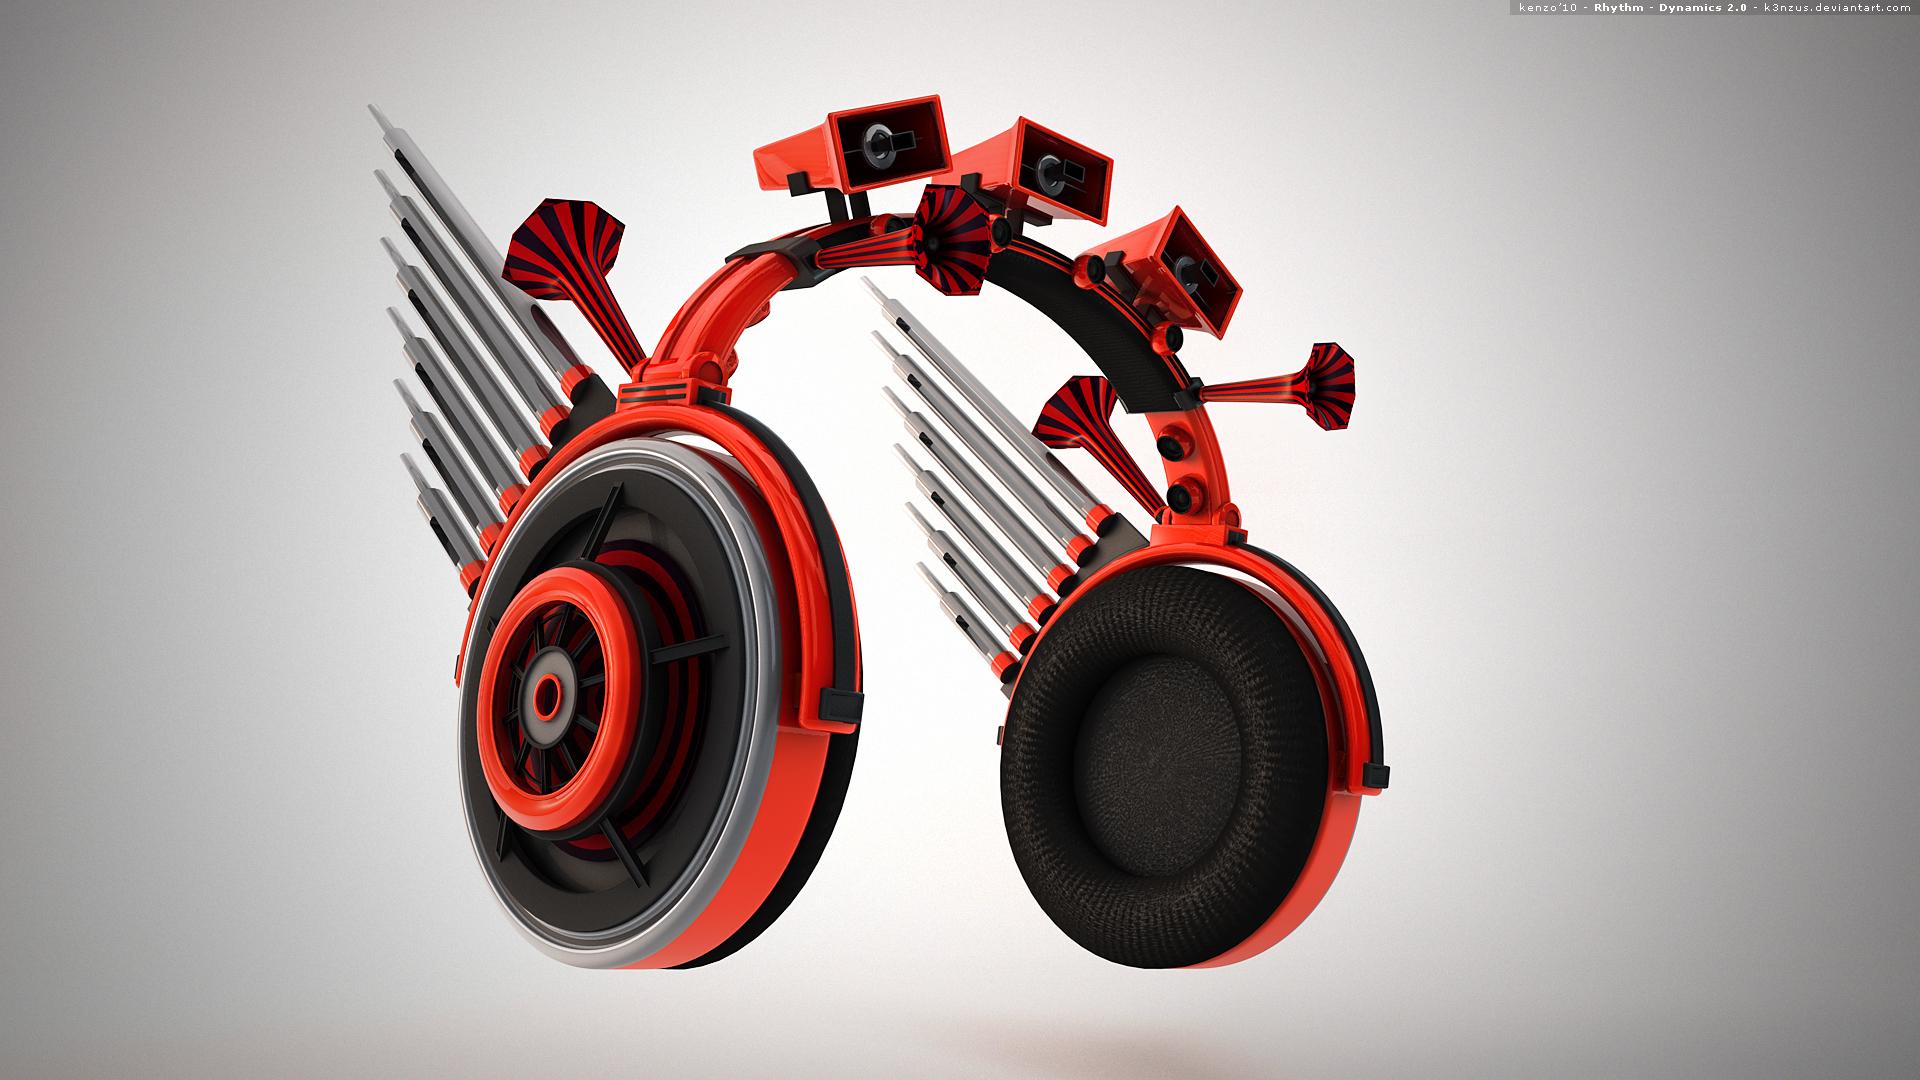 Rhythm - Dynamics 2